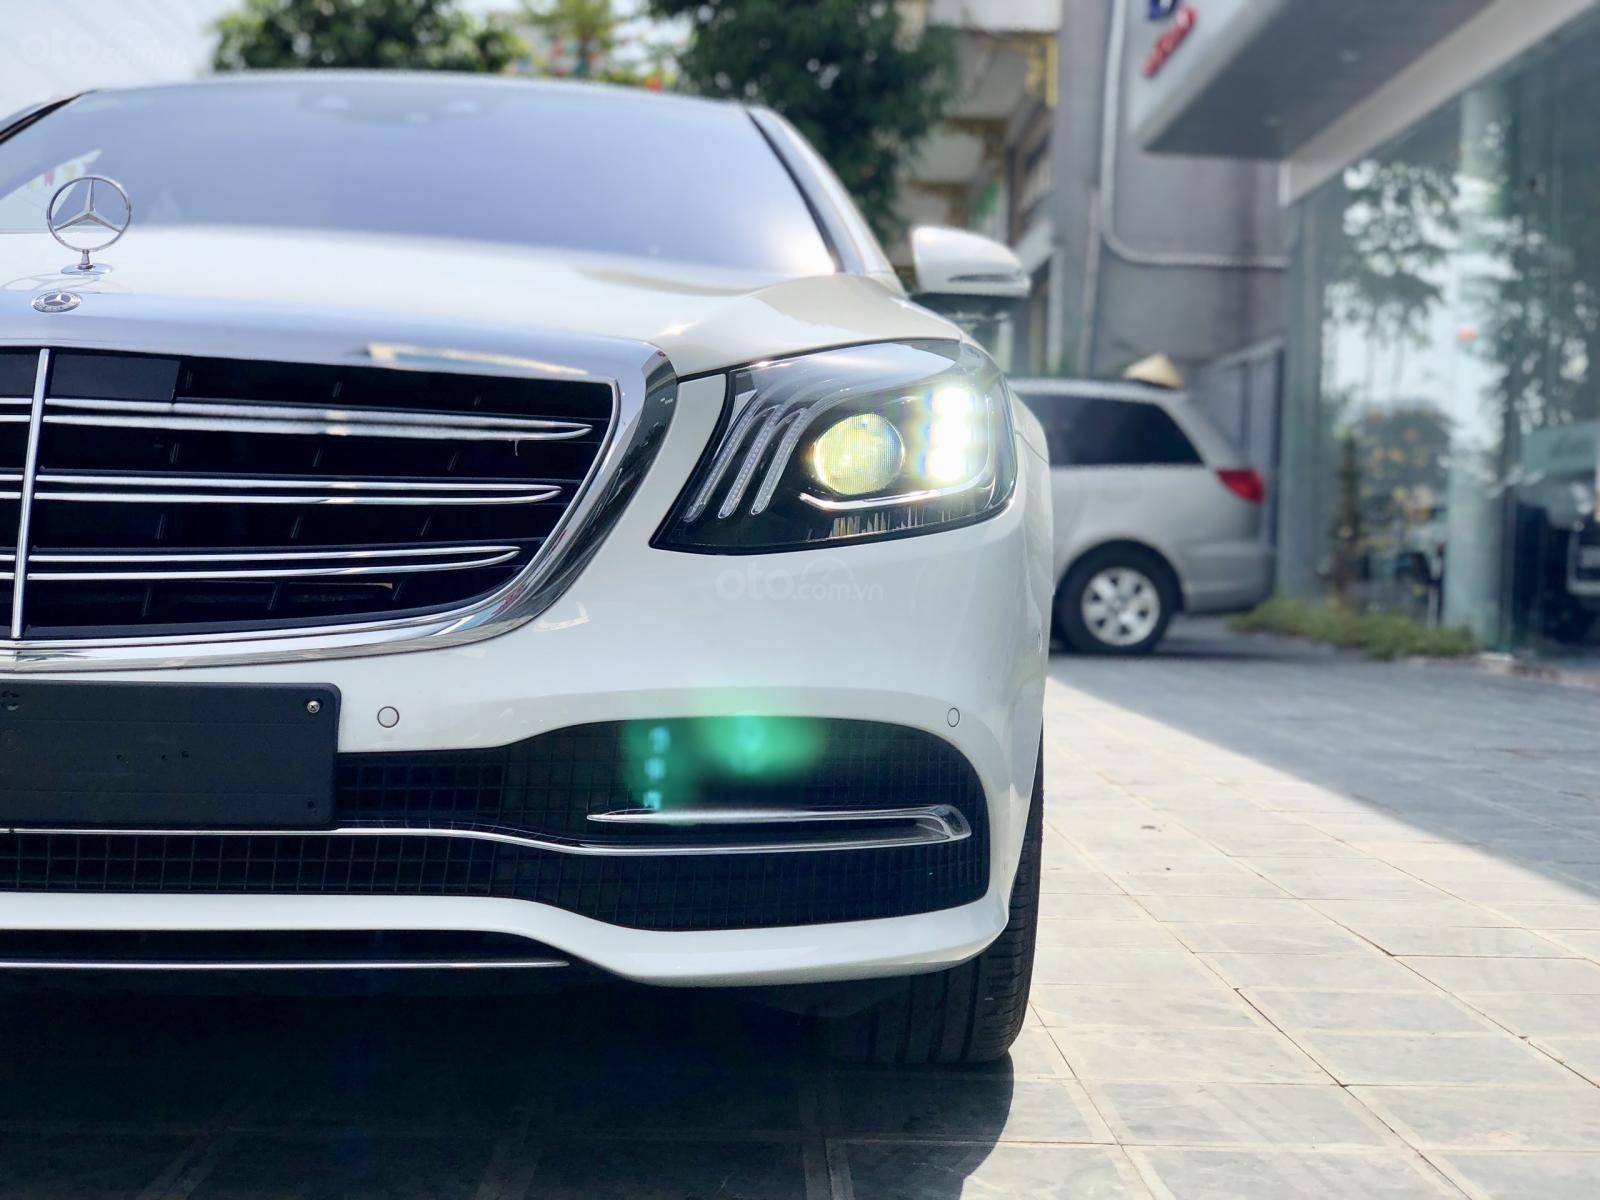 Bán xe Mercedes S450L đk lần đầu T3/ 2019, màu trắng, siêu lướt 5000km - LH: 0982.84.2838 (23)